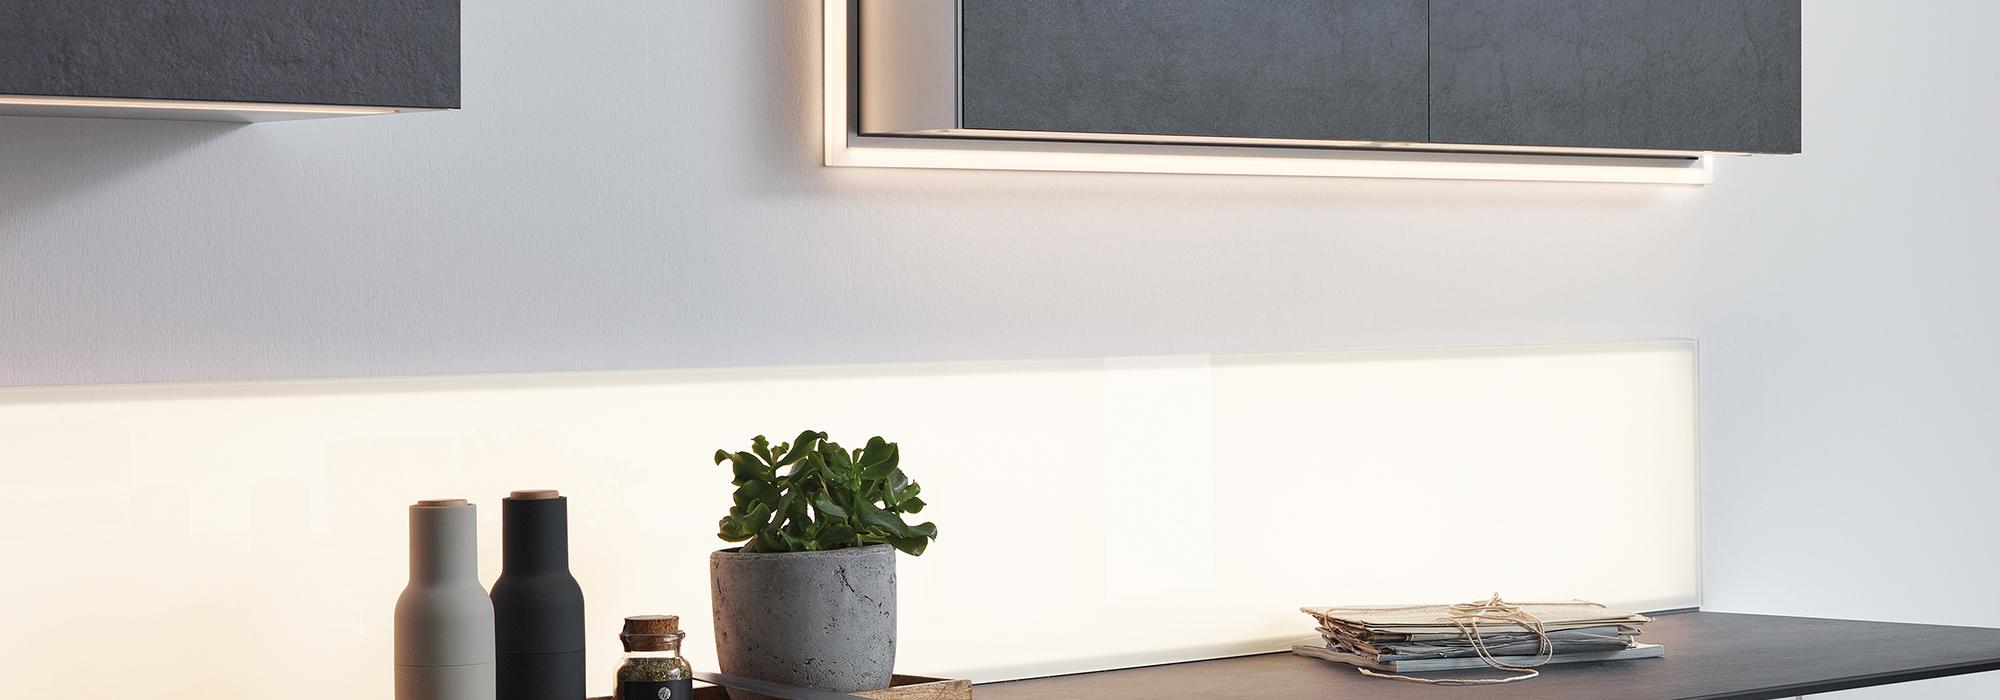 Full Size of Kchenwelt Schrankbeleuchtung Rollwagen Küche Magnettafel Tapeten Für Die Sofa Grau Leder Badezimmer Spiegelschrank Mit Beleuchtung Kunstleder Mülltonne Küche Led Beleuchtung Küche